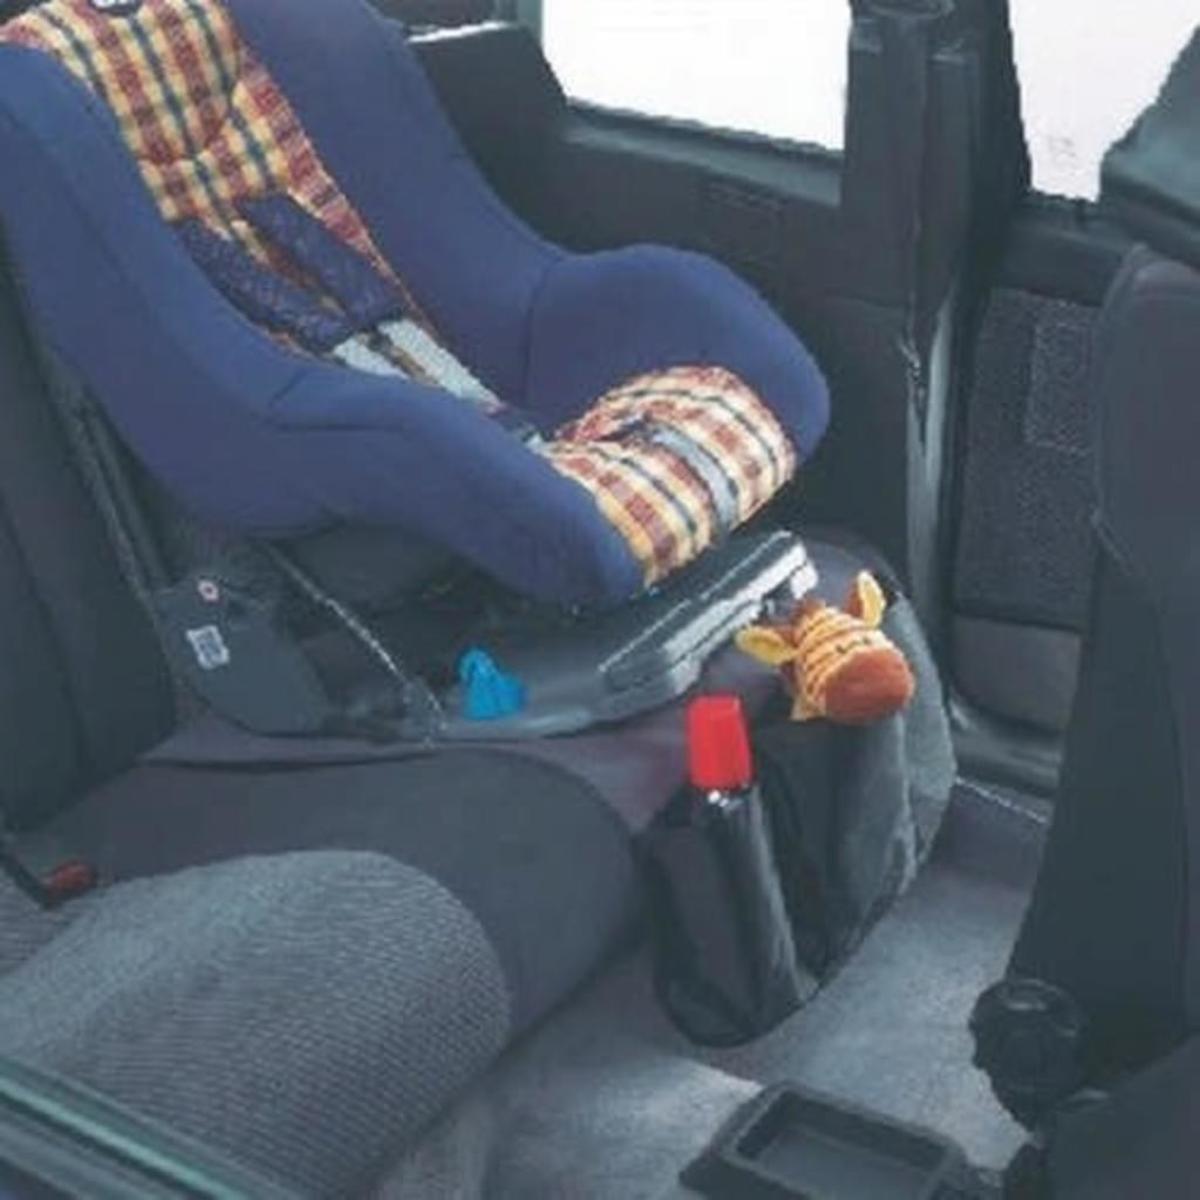 Bild 4 von Schutzu.lage f. K.autositz